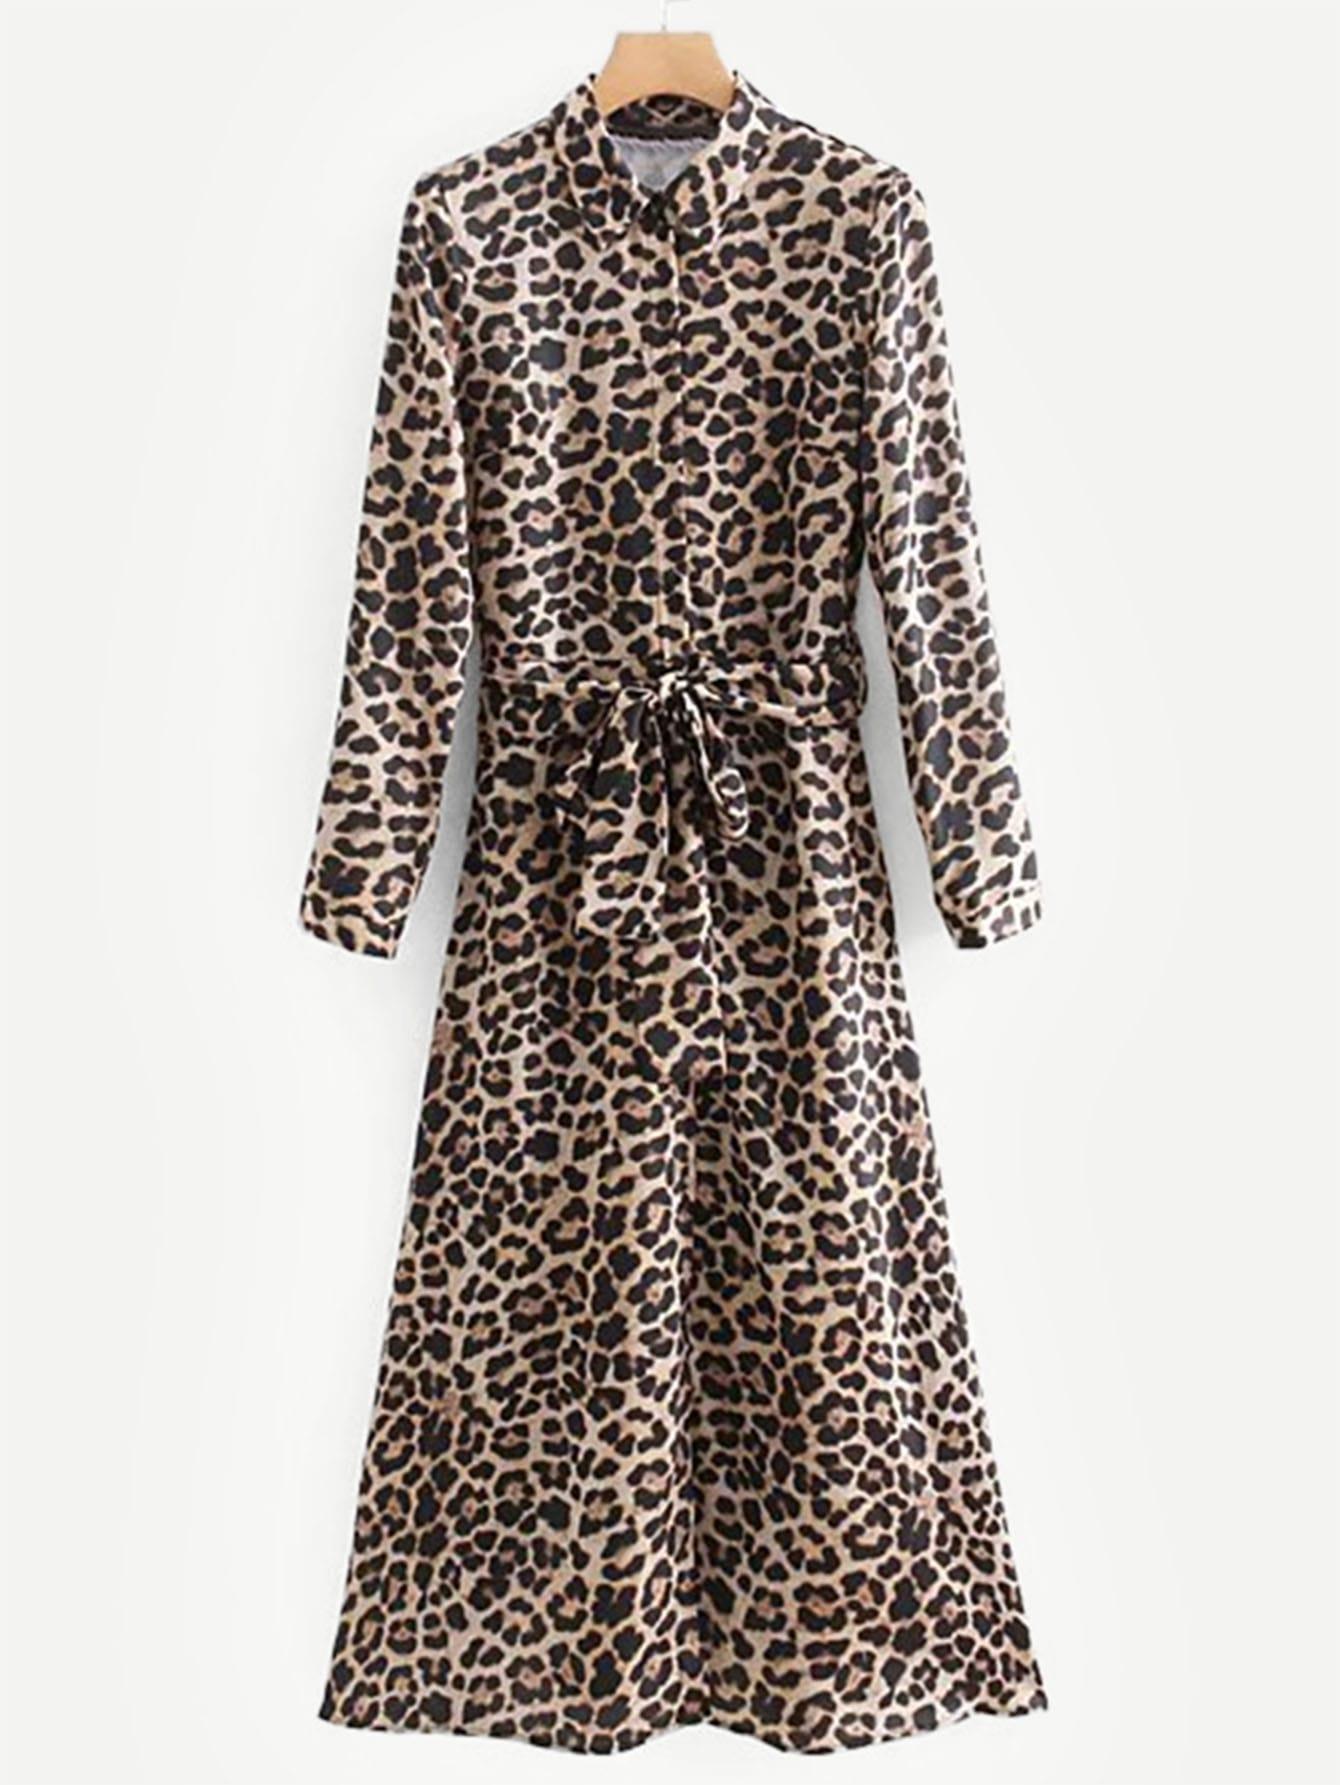 Купить Леопардрвое платье-рубашки с поясом, null, SheIn